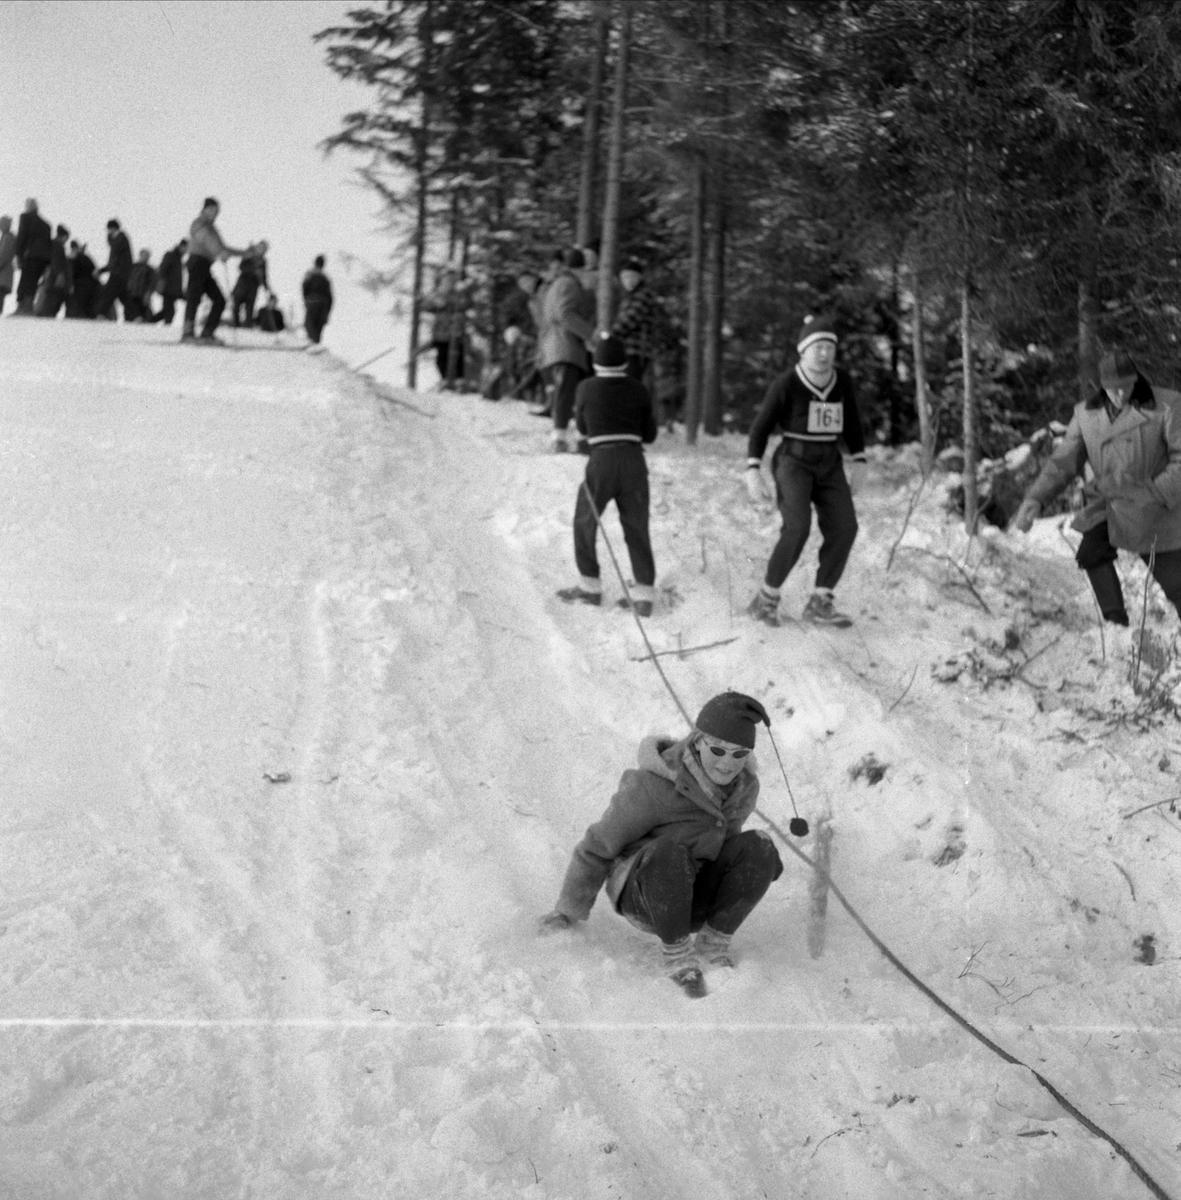 """Hopprenn i Revhibakken, """"Revhiet"""", Skøienbakken, unnarennet. Hoppbakke, skirenn, skihopper.  Se artikkel i Lautin 2011 av Arne Gunnar Barflo """"Hoppbakker i Løten"""""""